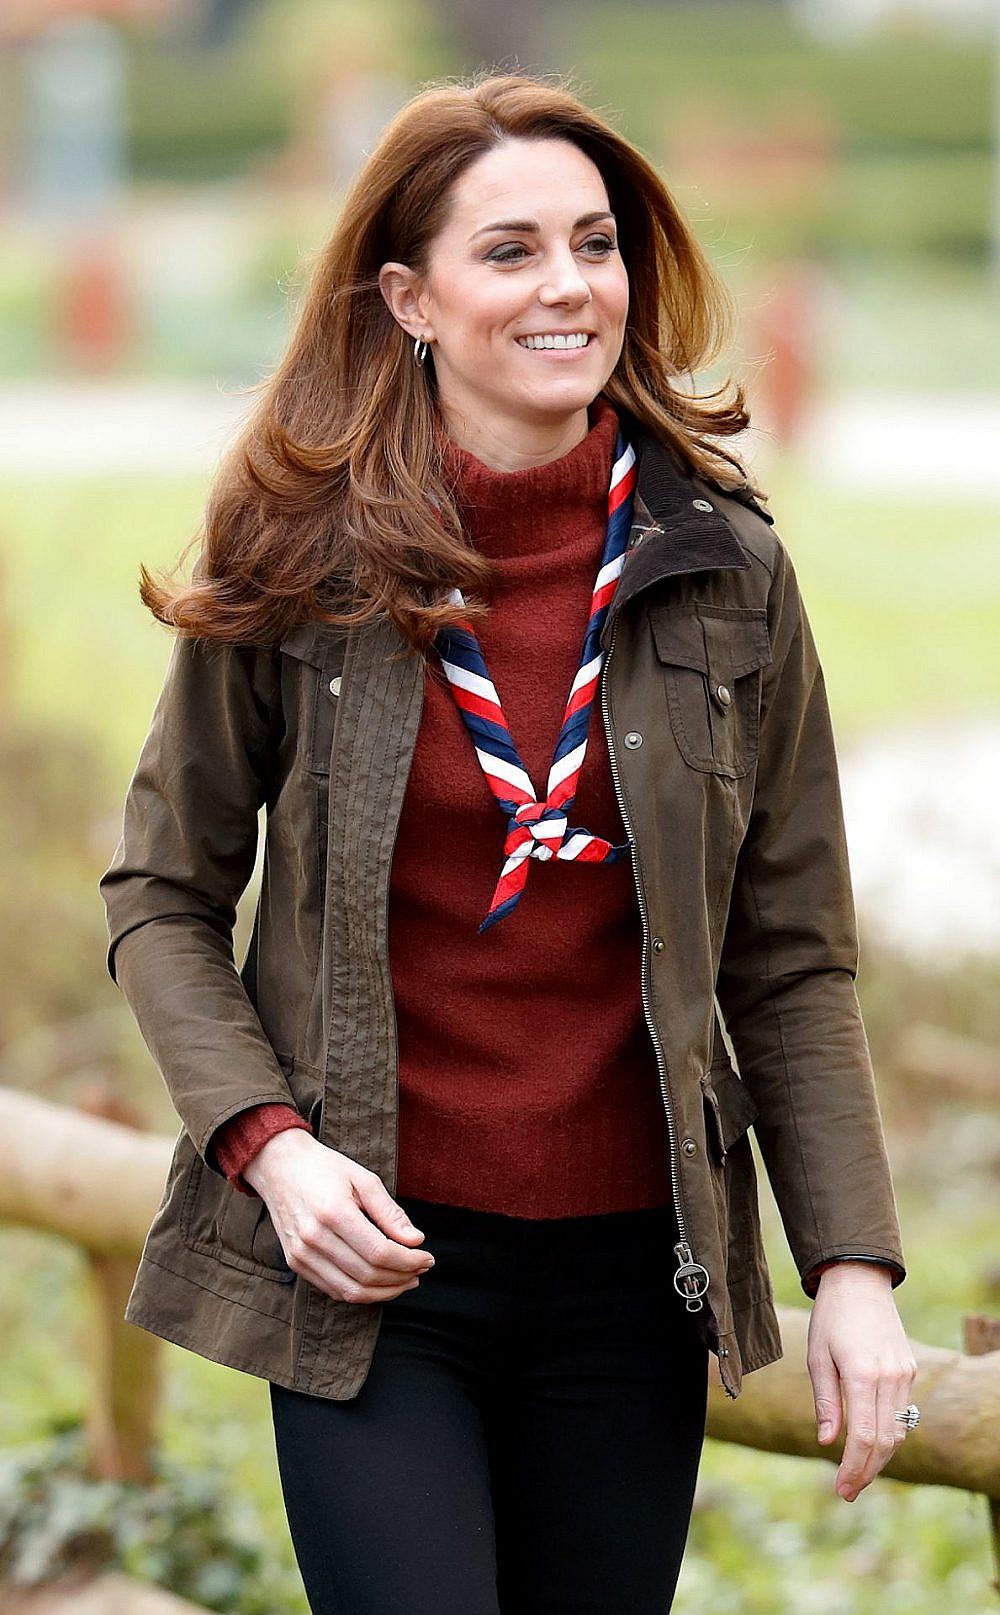 קייט מידלטון לובשת ג'יי קרו   צילום: Max Mumby/Indigo/Getty Image